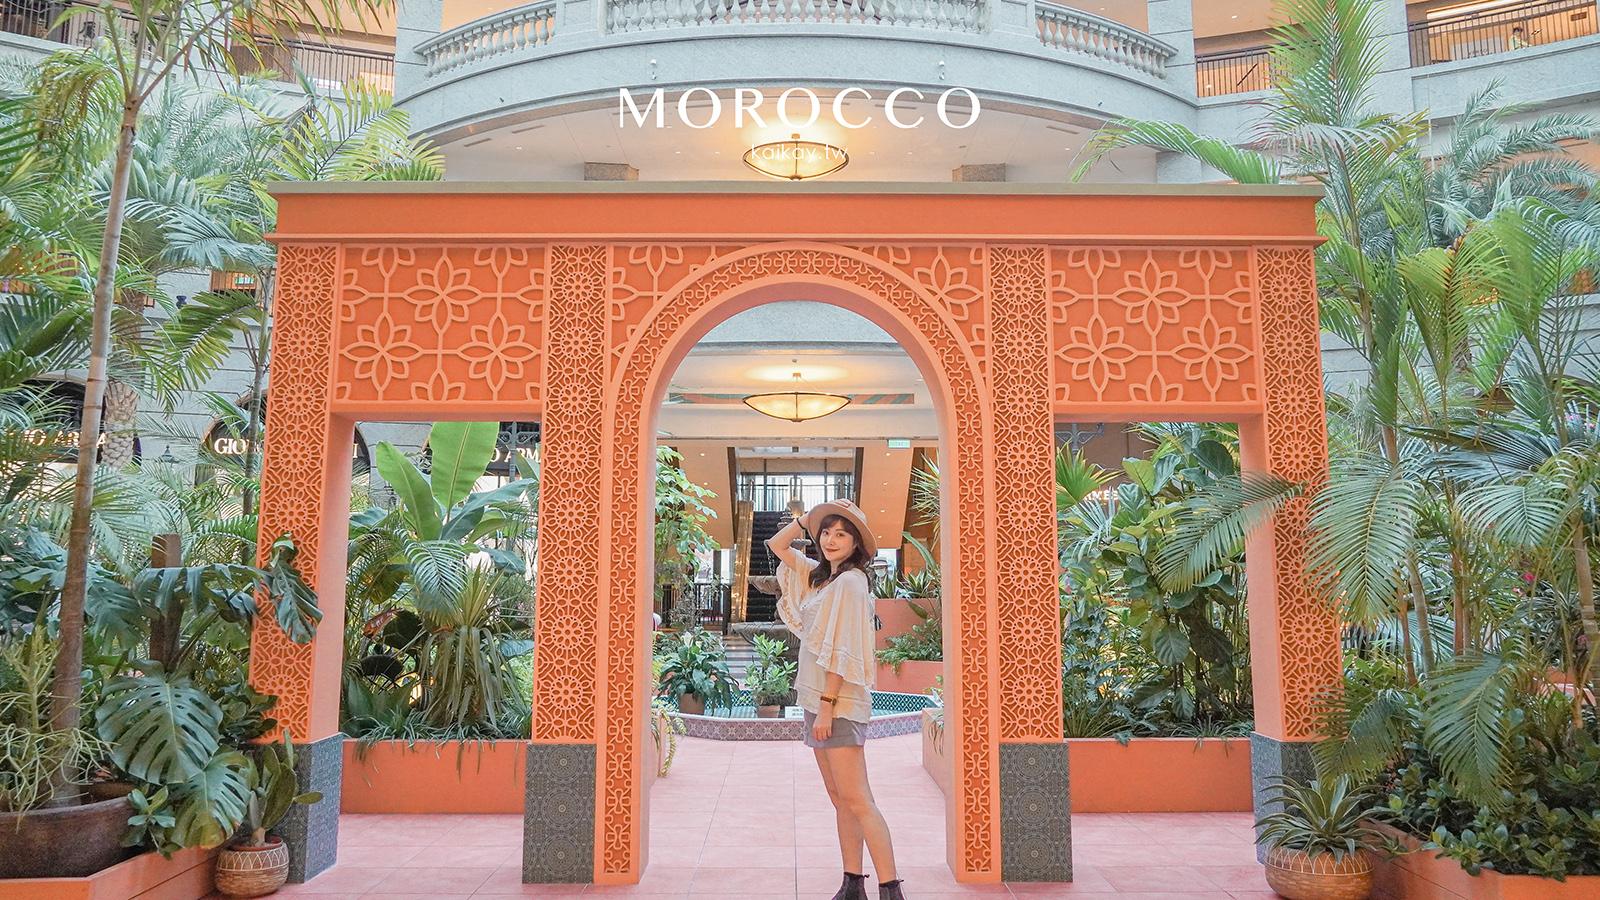 延伸閱讀:☆【台北|市政府站】把整座摩洛哥花園搬進台北。BELLAVITA演繹北非異國風情